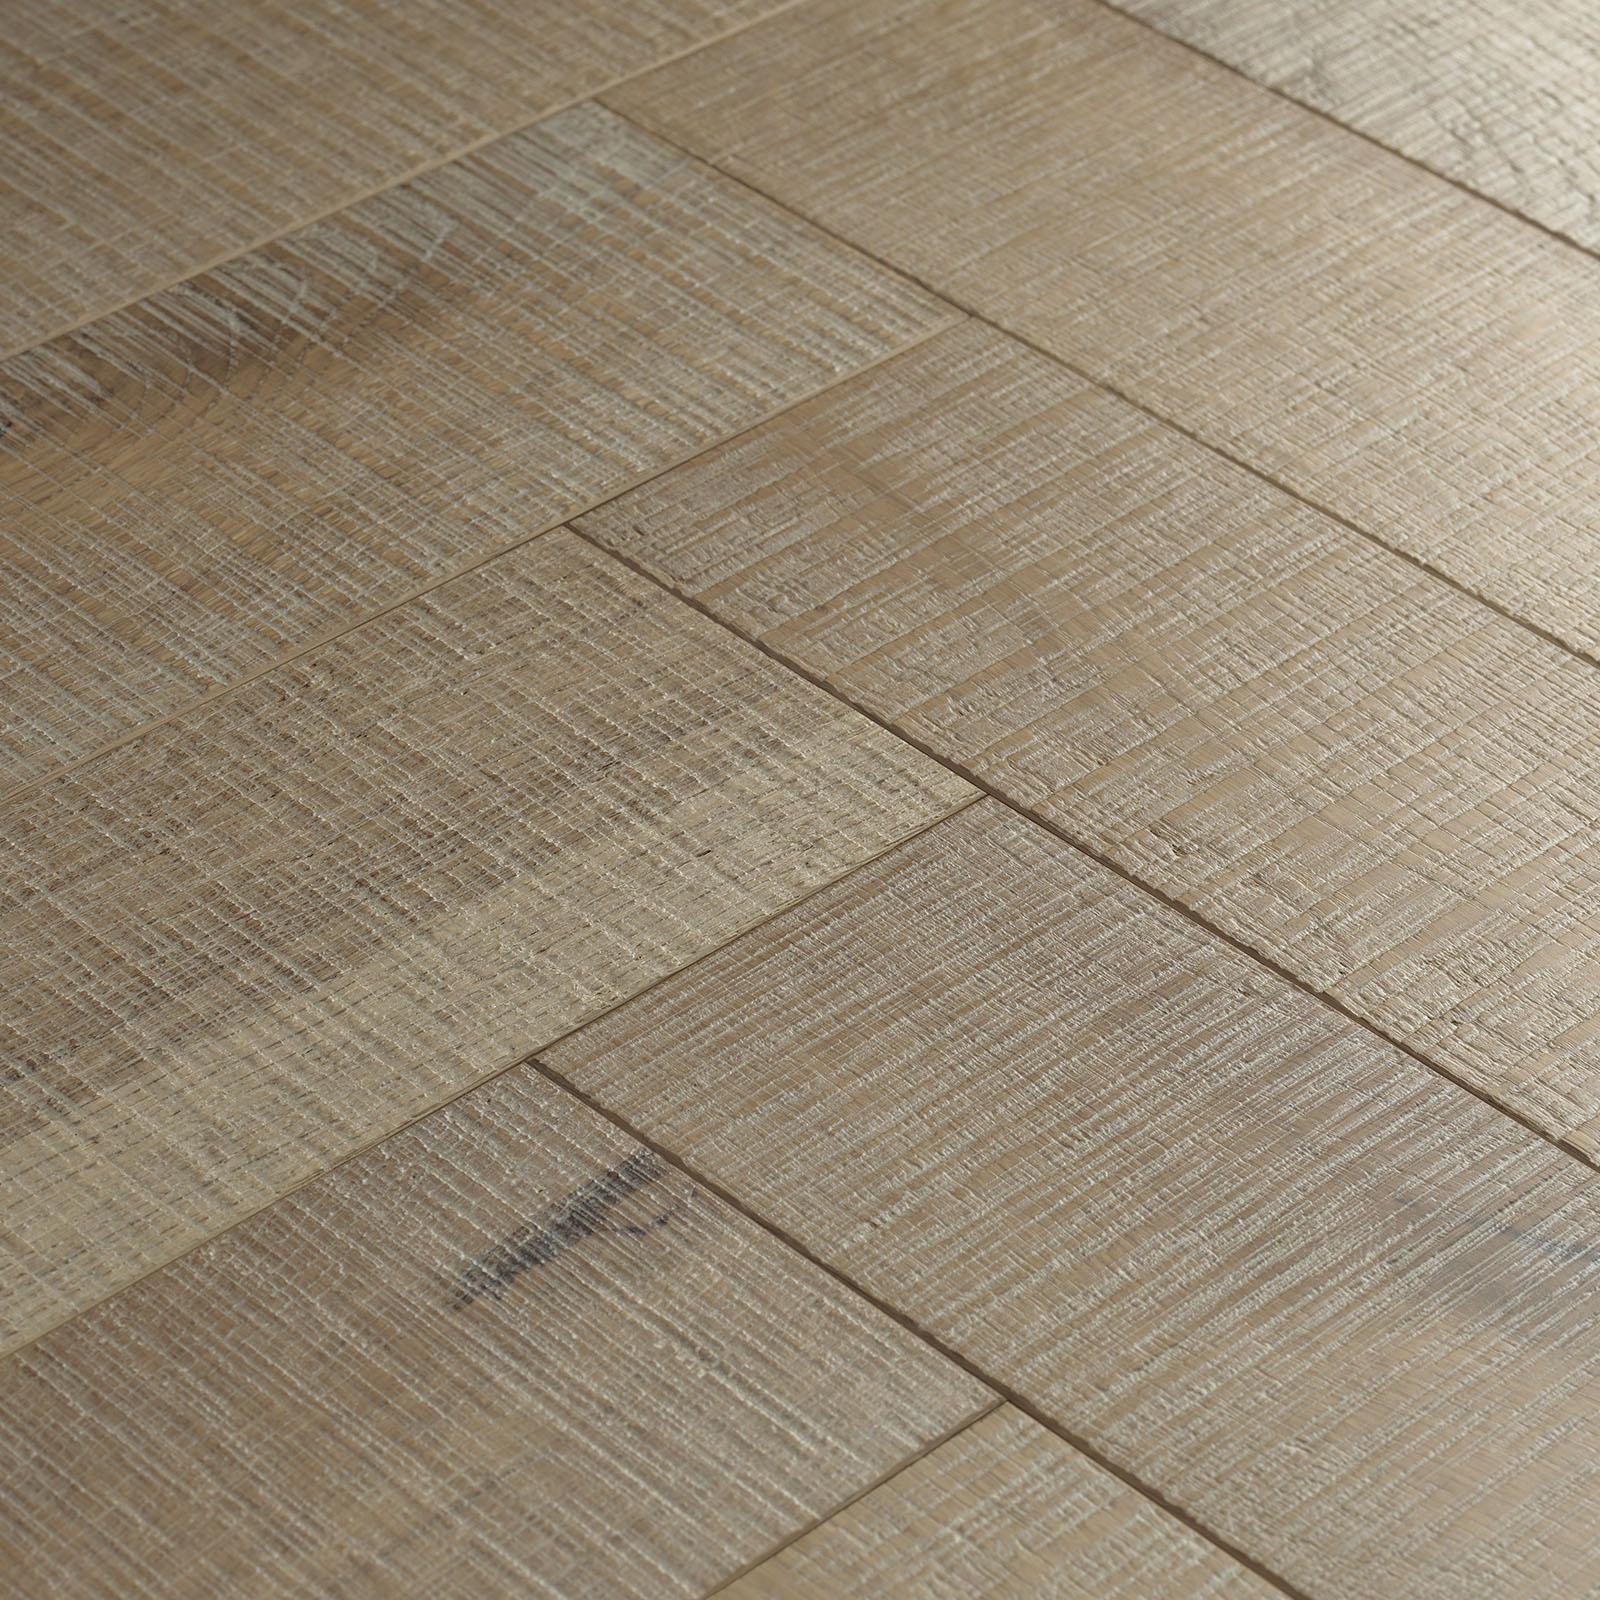 Engineered parquet flooring - Goodrich salted oak